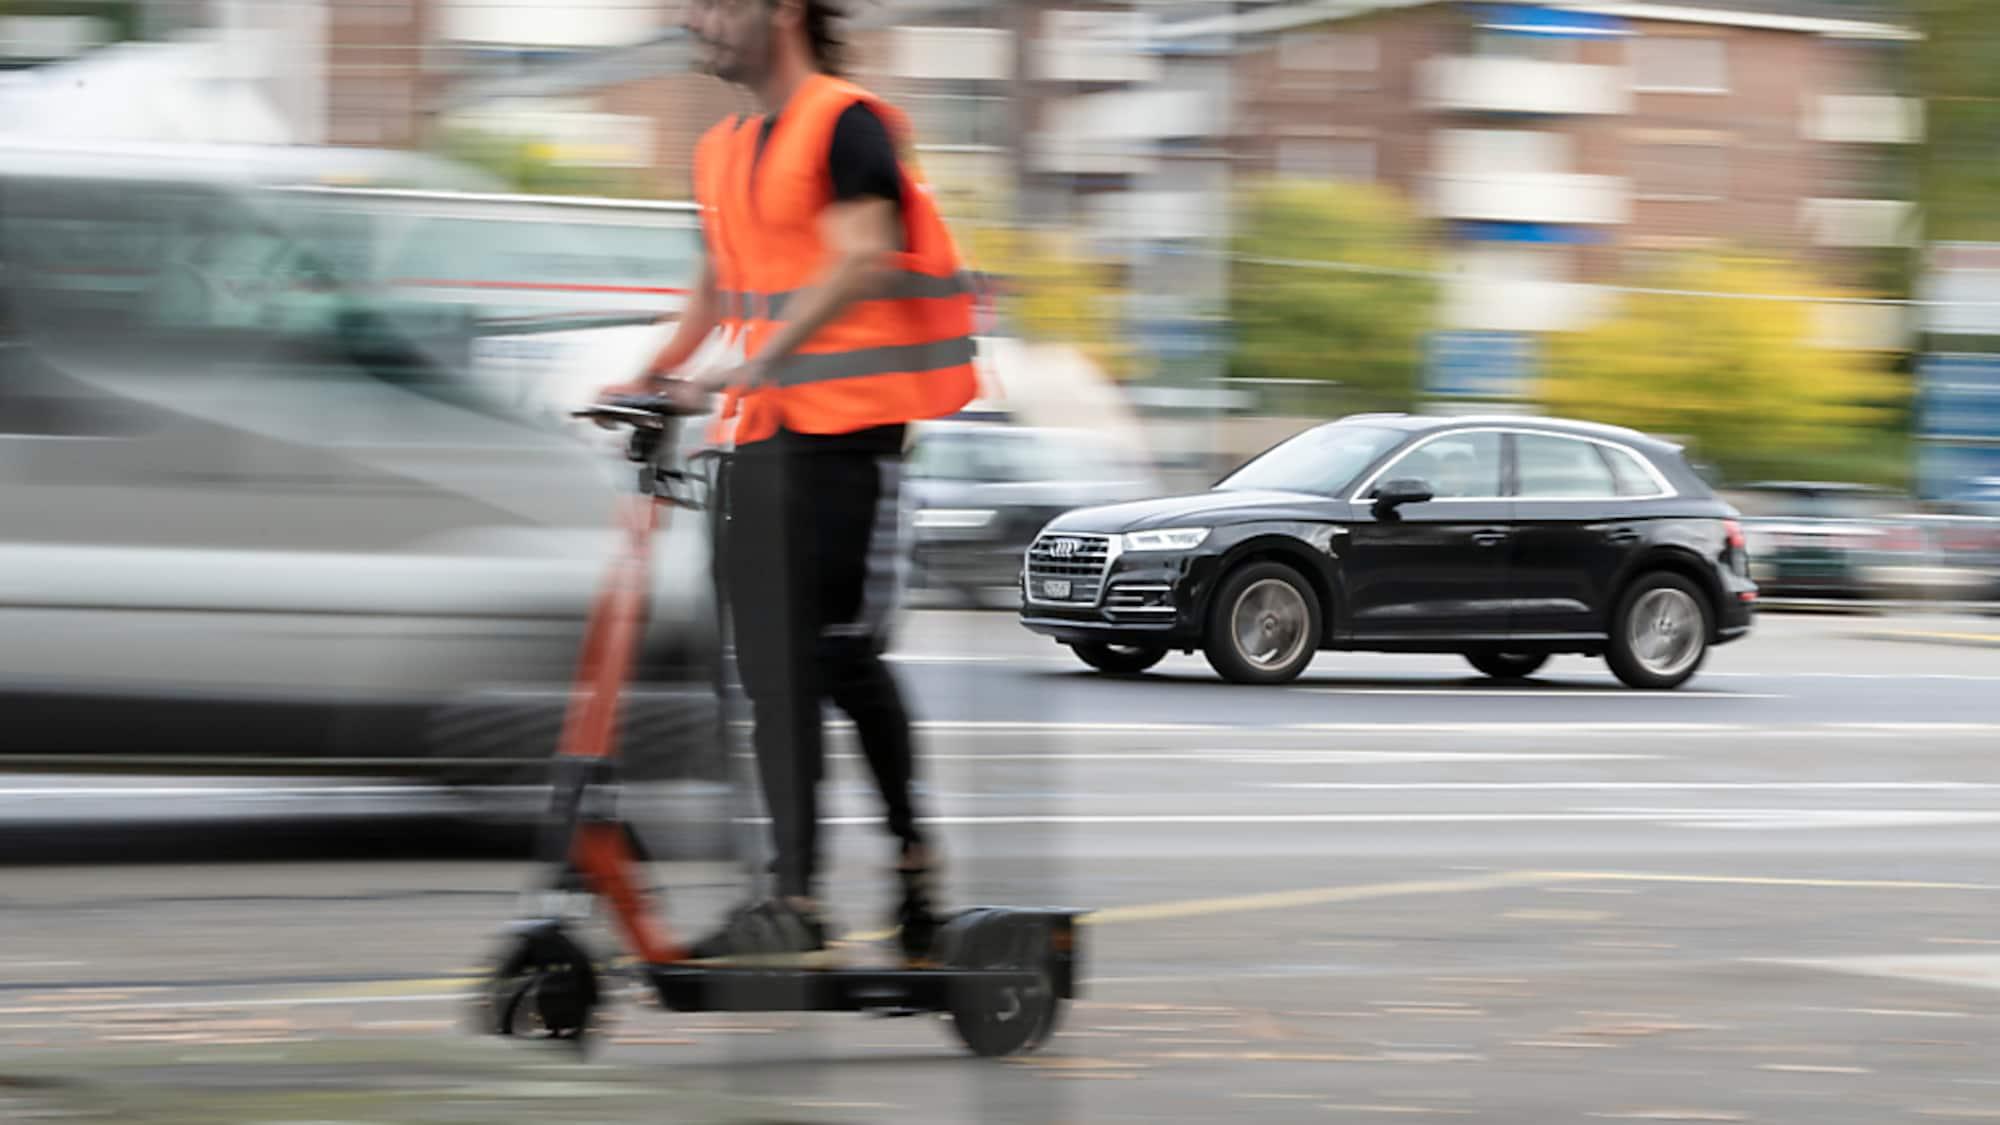 Mobilität: Gemischte Bilanz zu E-Trottinetts in Schweizer Städten